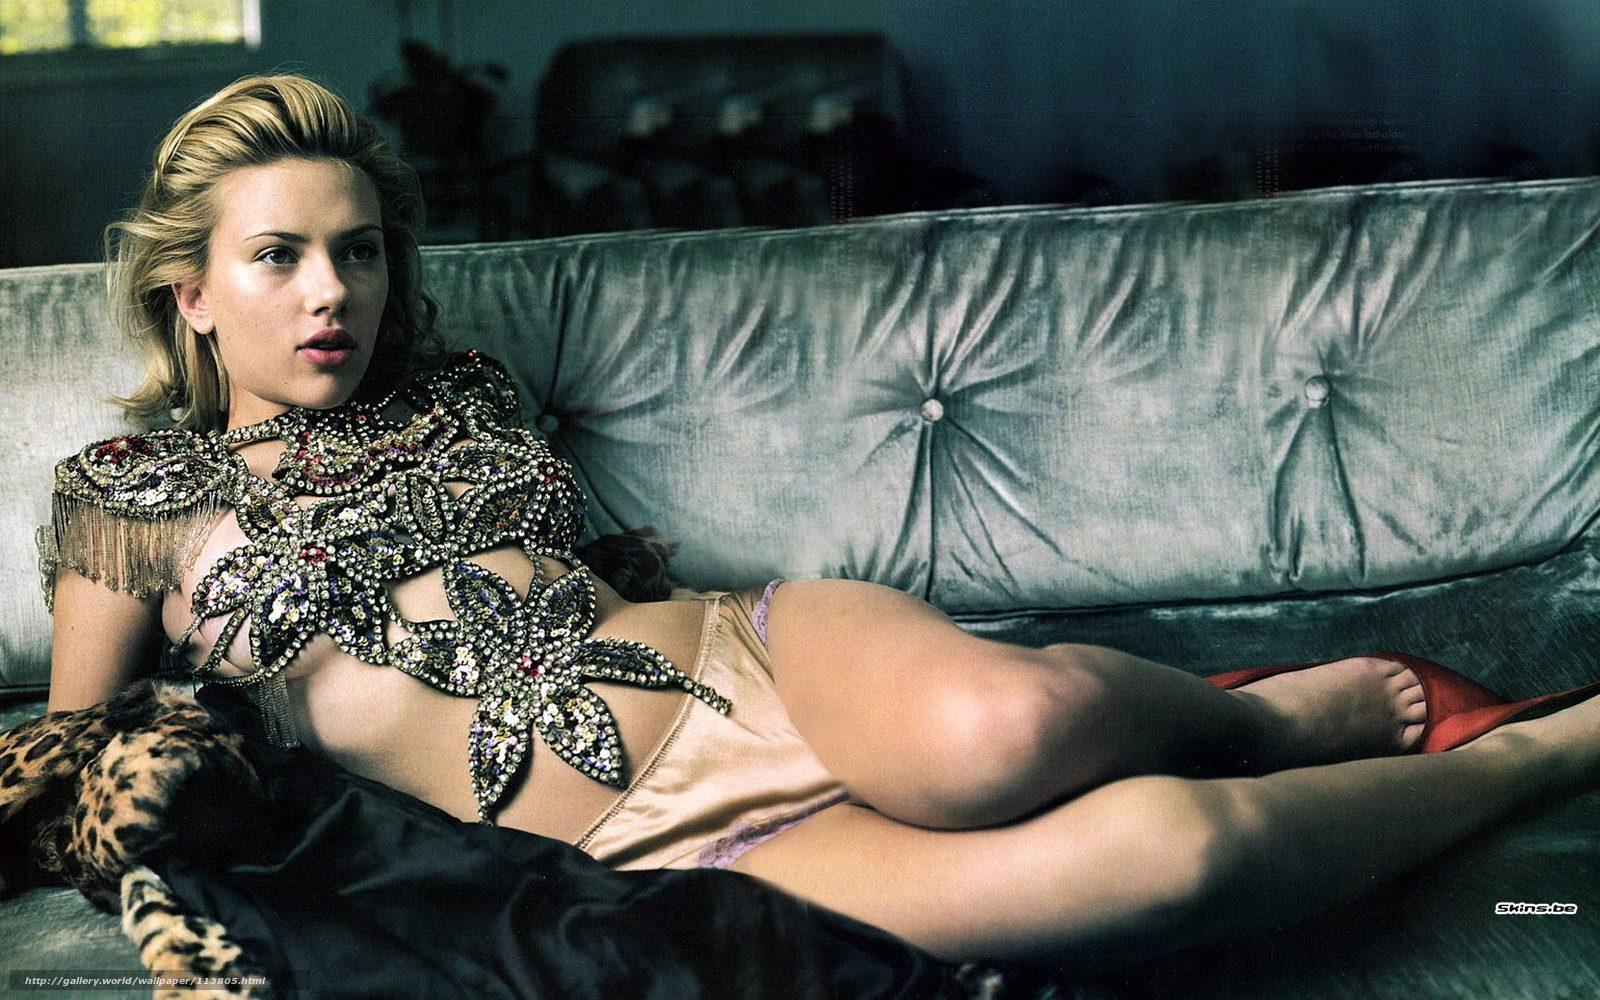 Смотреть онлайн голые красивые девочки карлики 9 фотография